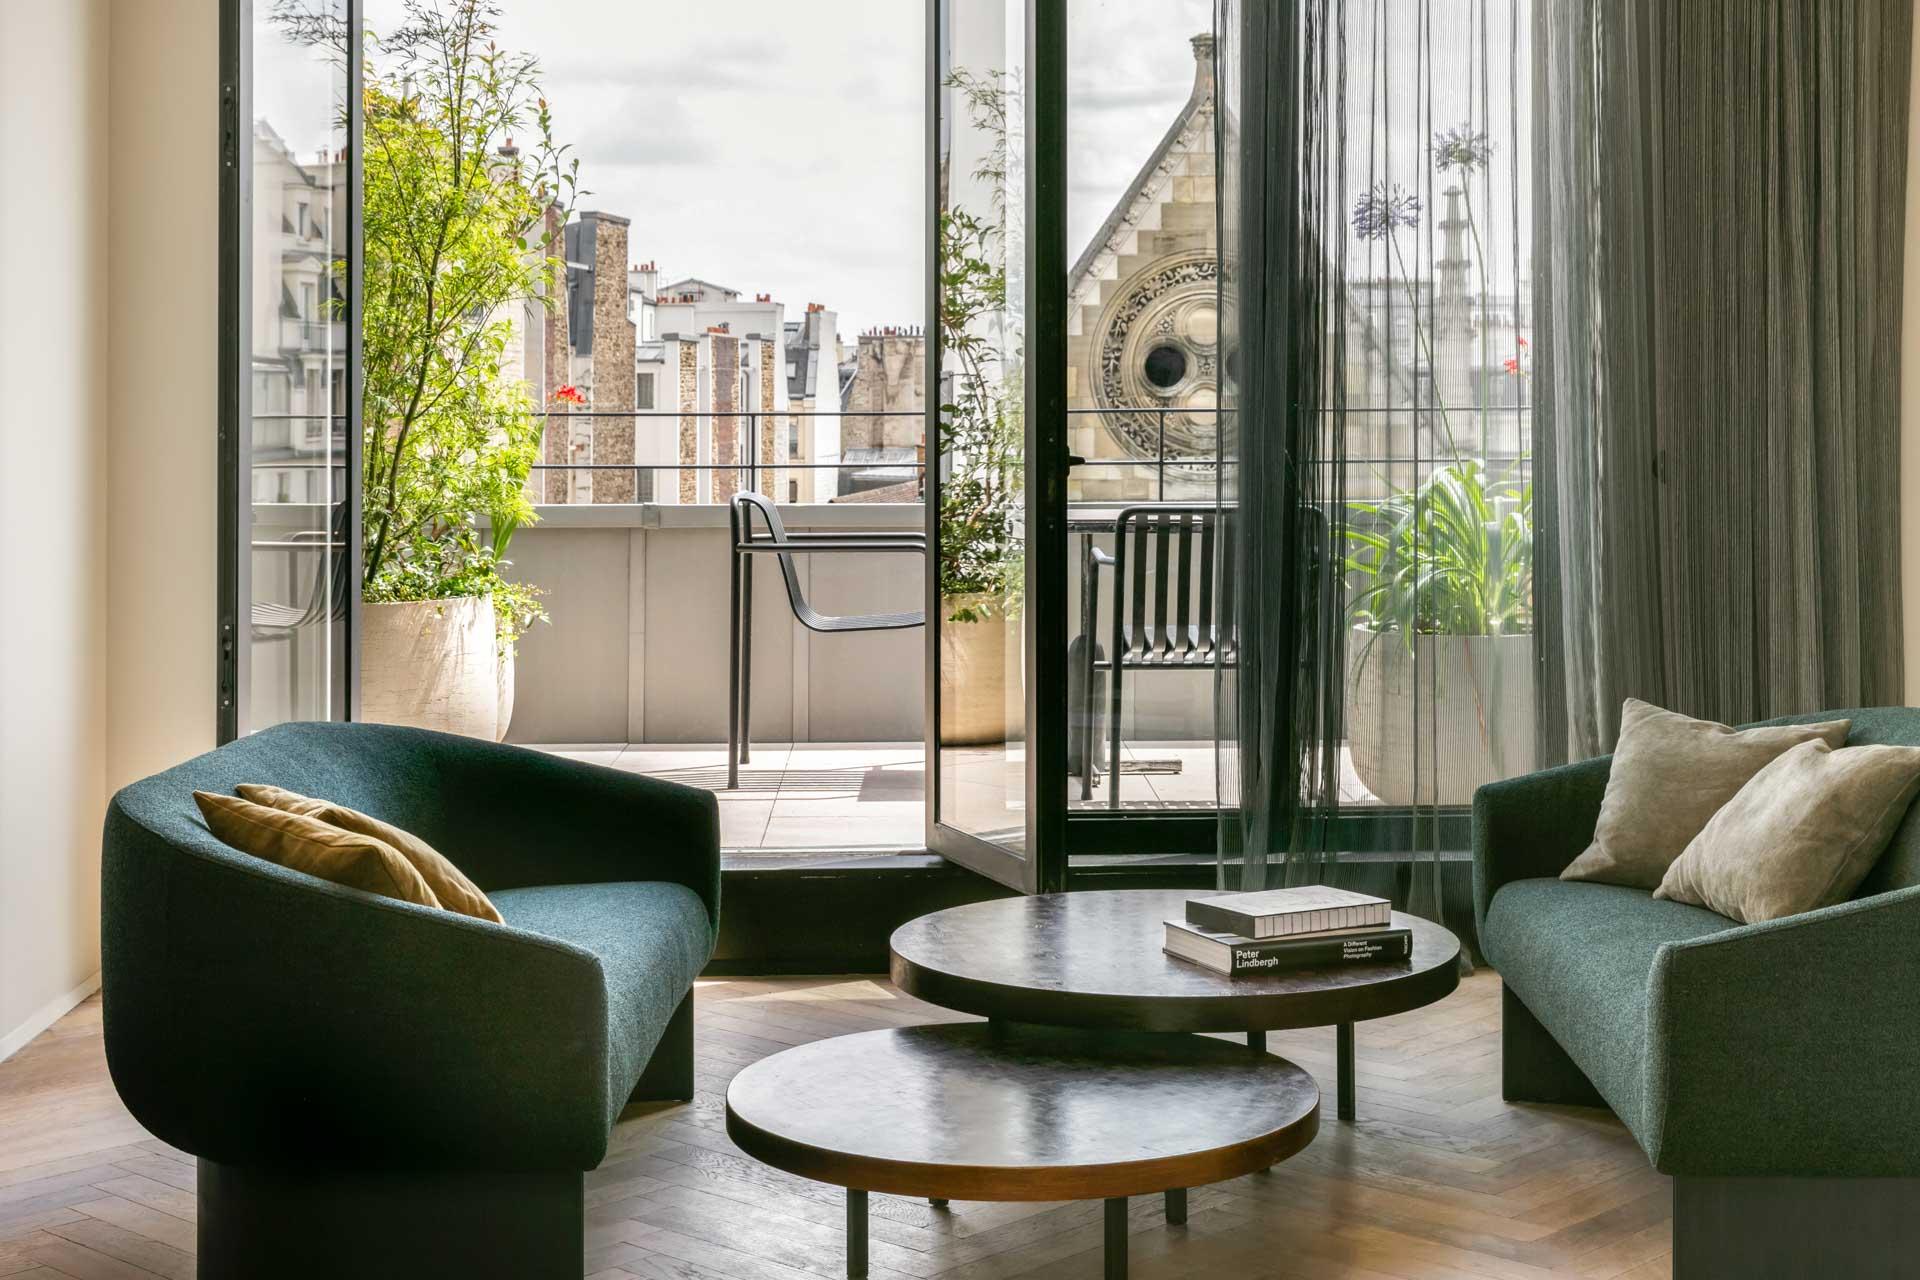 À côté du Centre National des Arts et Métiers, l'Hôtel National des Arts et Métiers est LE nouveau boutique-hôtel enchantant voyageurs et Parisiens depuis cet été. Restaurants, bar à cocktail et rooftop sont au programme de cette nouvelle adresse qui fait le buzz.